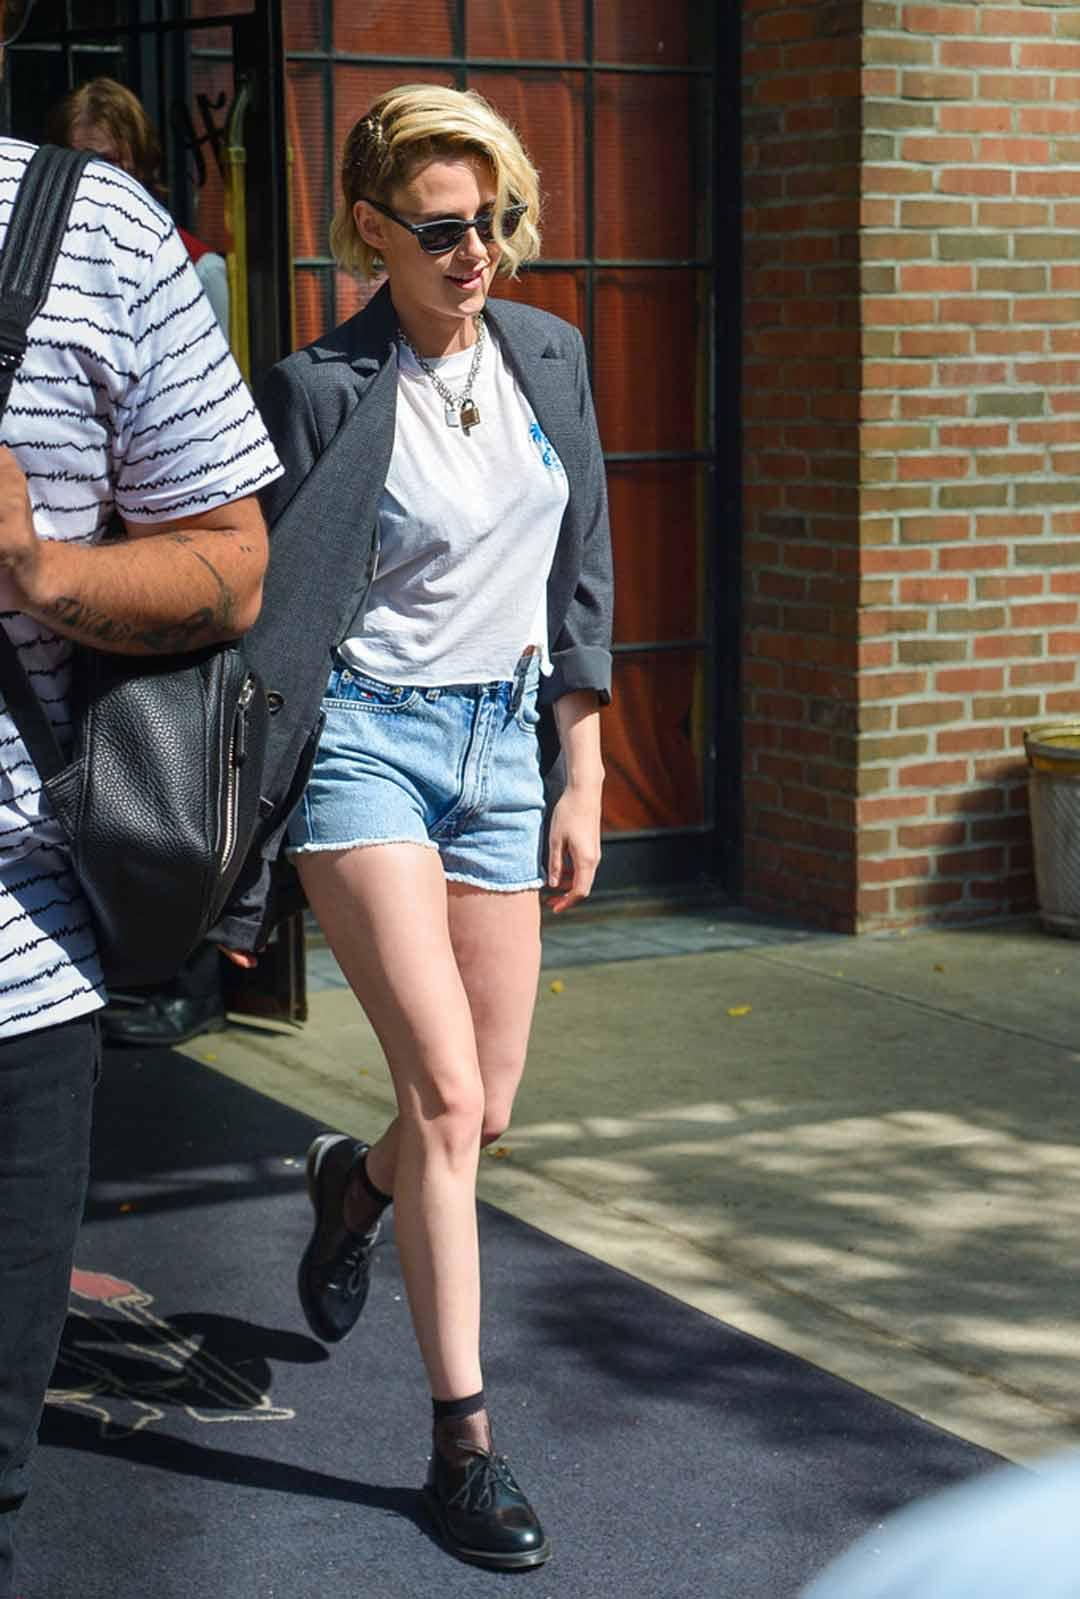 穿搭| 夏天穿短袜很流行,但不是谁都穿的好